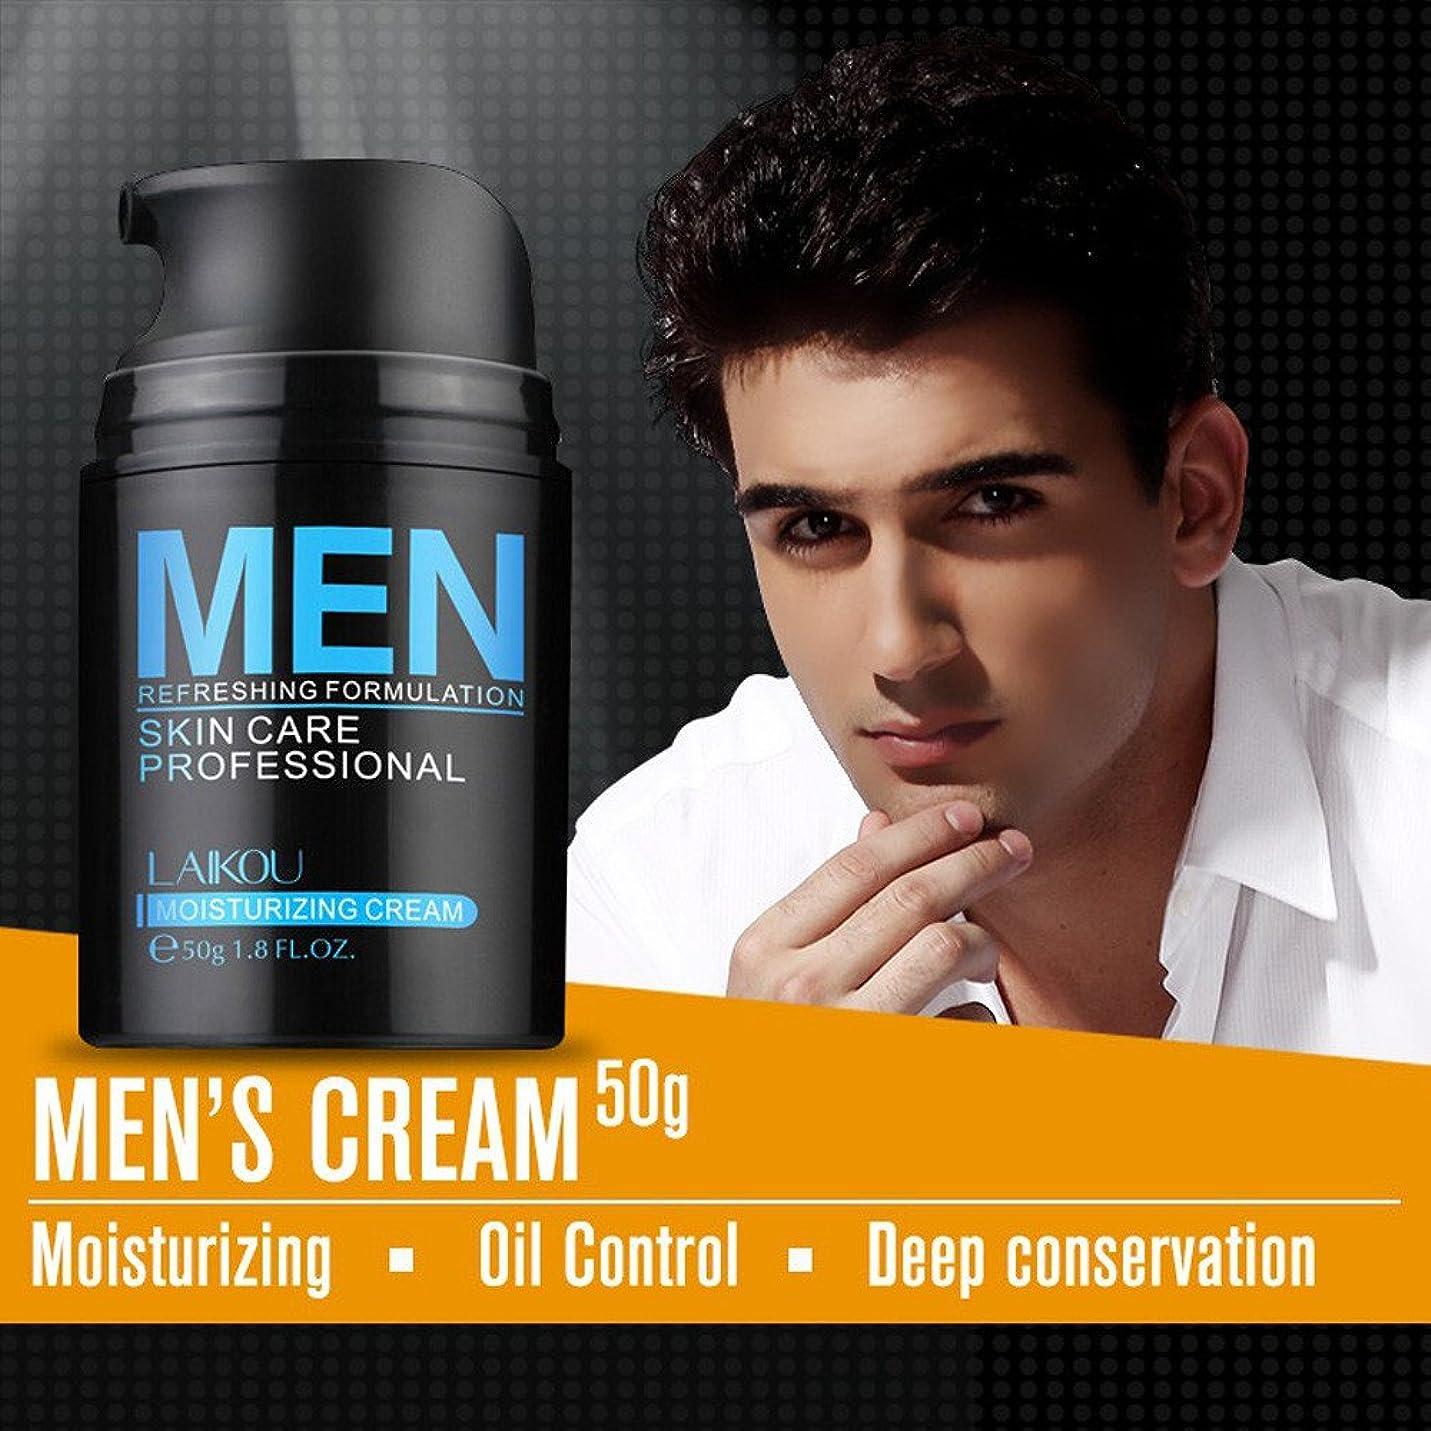 ソロアジャ着実にAkane LAIKOU 男子 押す 顔洗い 素敵 水分補給 オイルコントロール 保湿 すがすがしい 角質除去 クレンジング 浄化 使いやすい 洗顔料 アロエクリーム